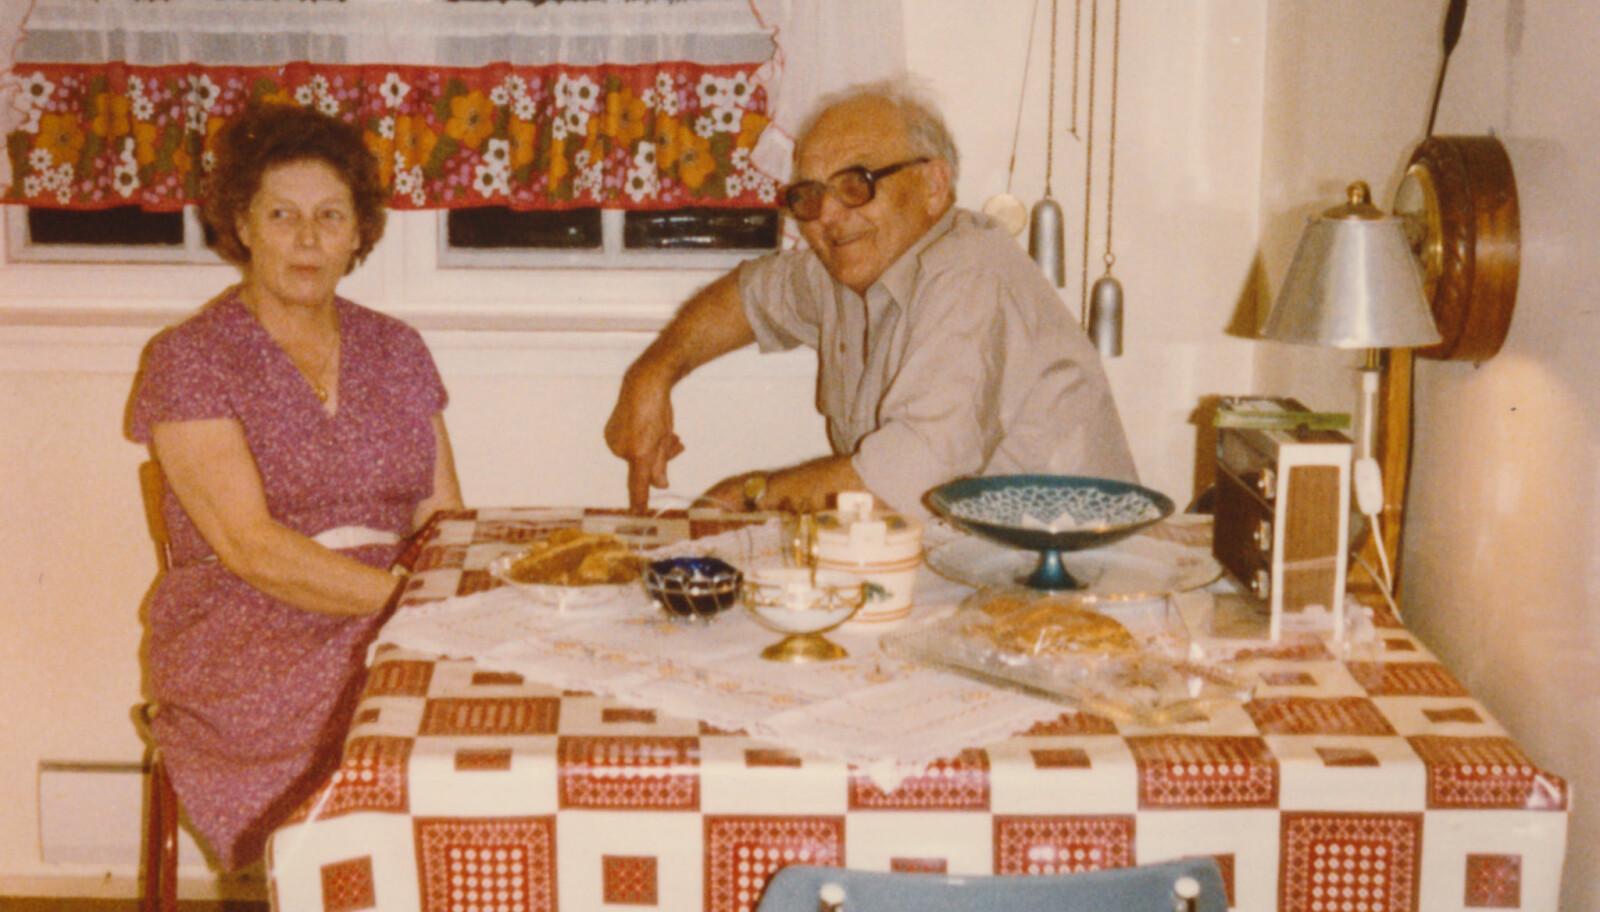 """<span class="""" italic"""" data-lab-italic_desktop=""""italic"""">Ved kjøkkenbordet på Kråkenes sit mor Margit og far John Johnsen. Dei budde på Kråkenes fyr frå 1960 til 1983.</span>"""